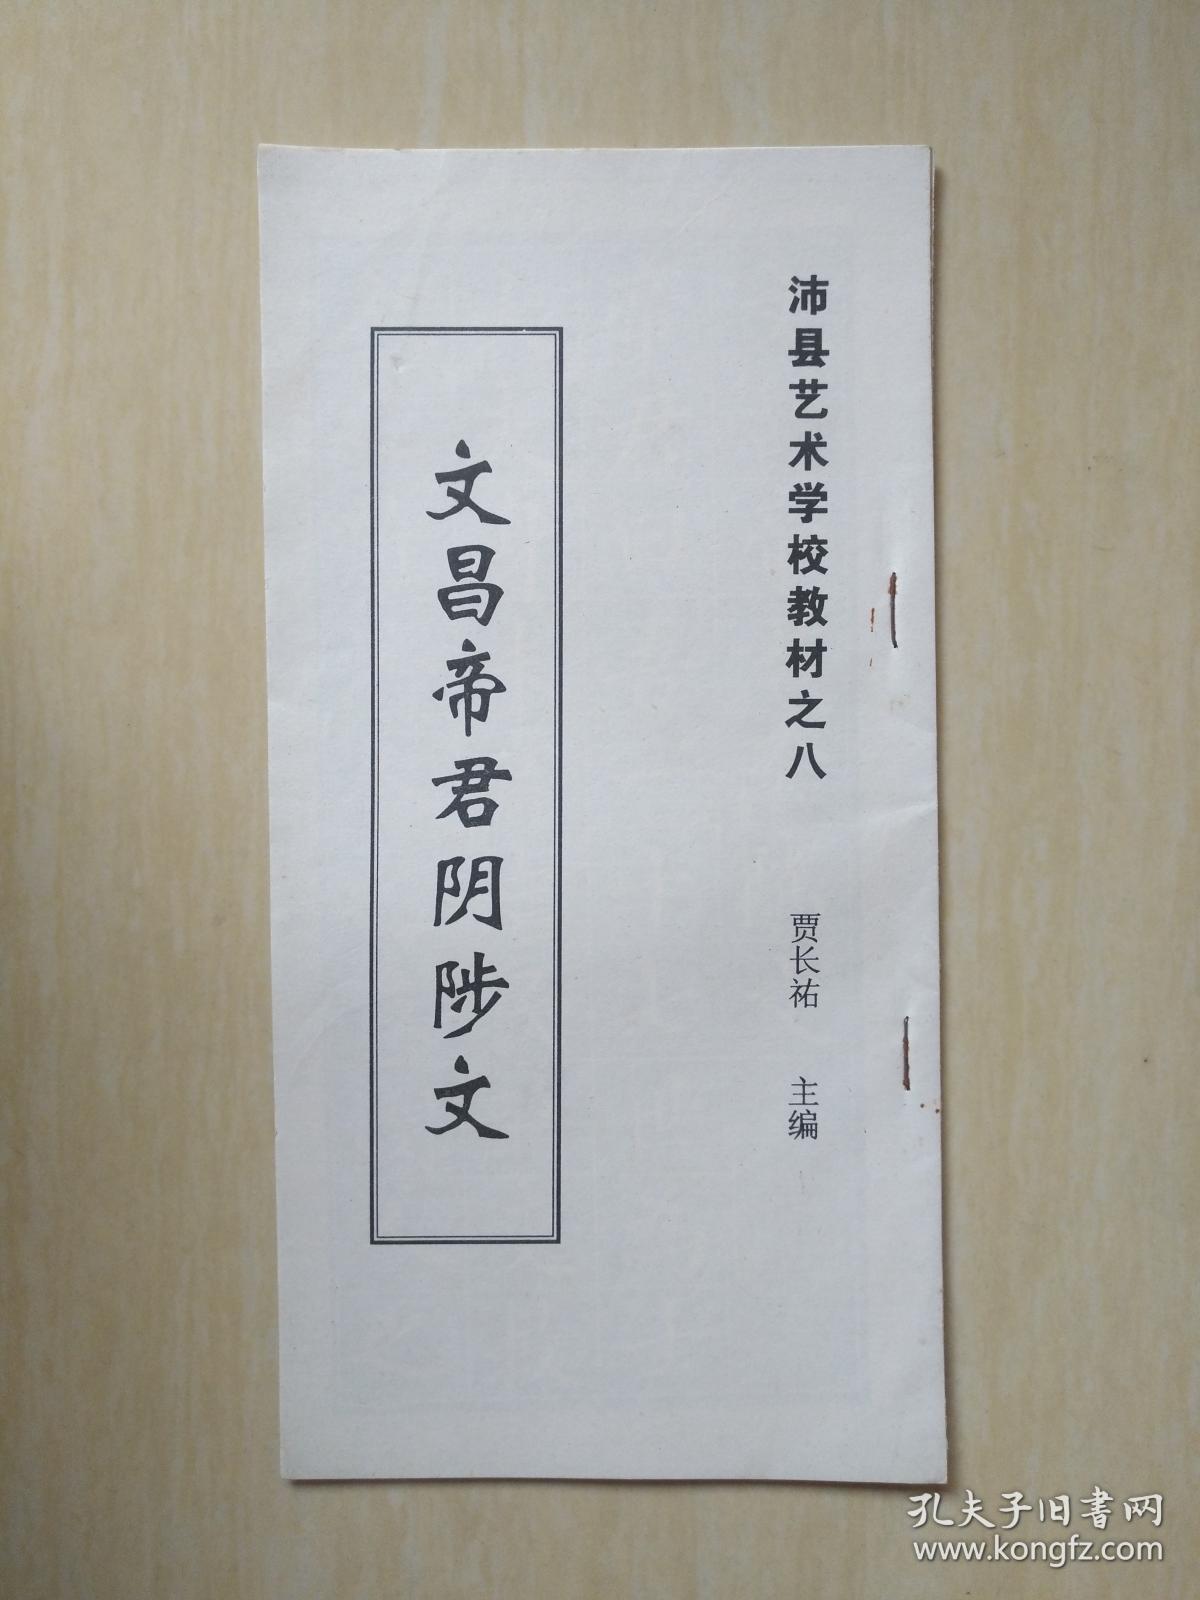 文昌帝君阴陟文-沛县艺术学校教材之八